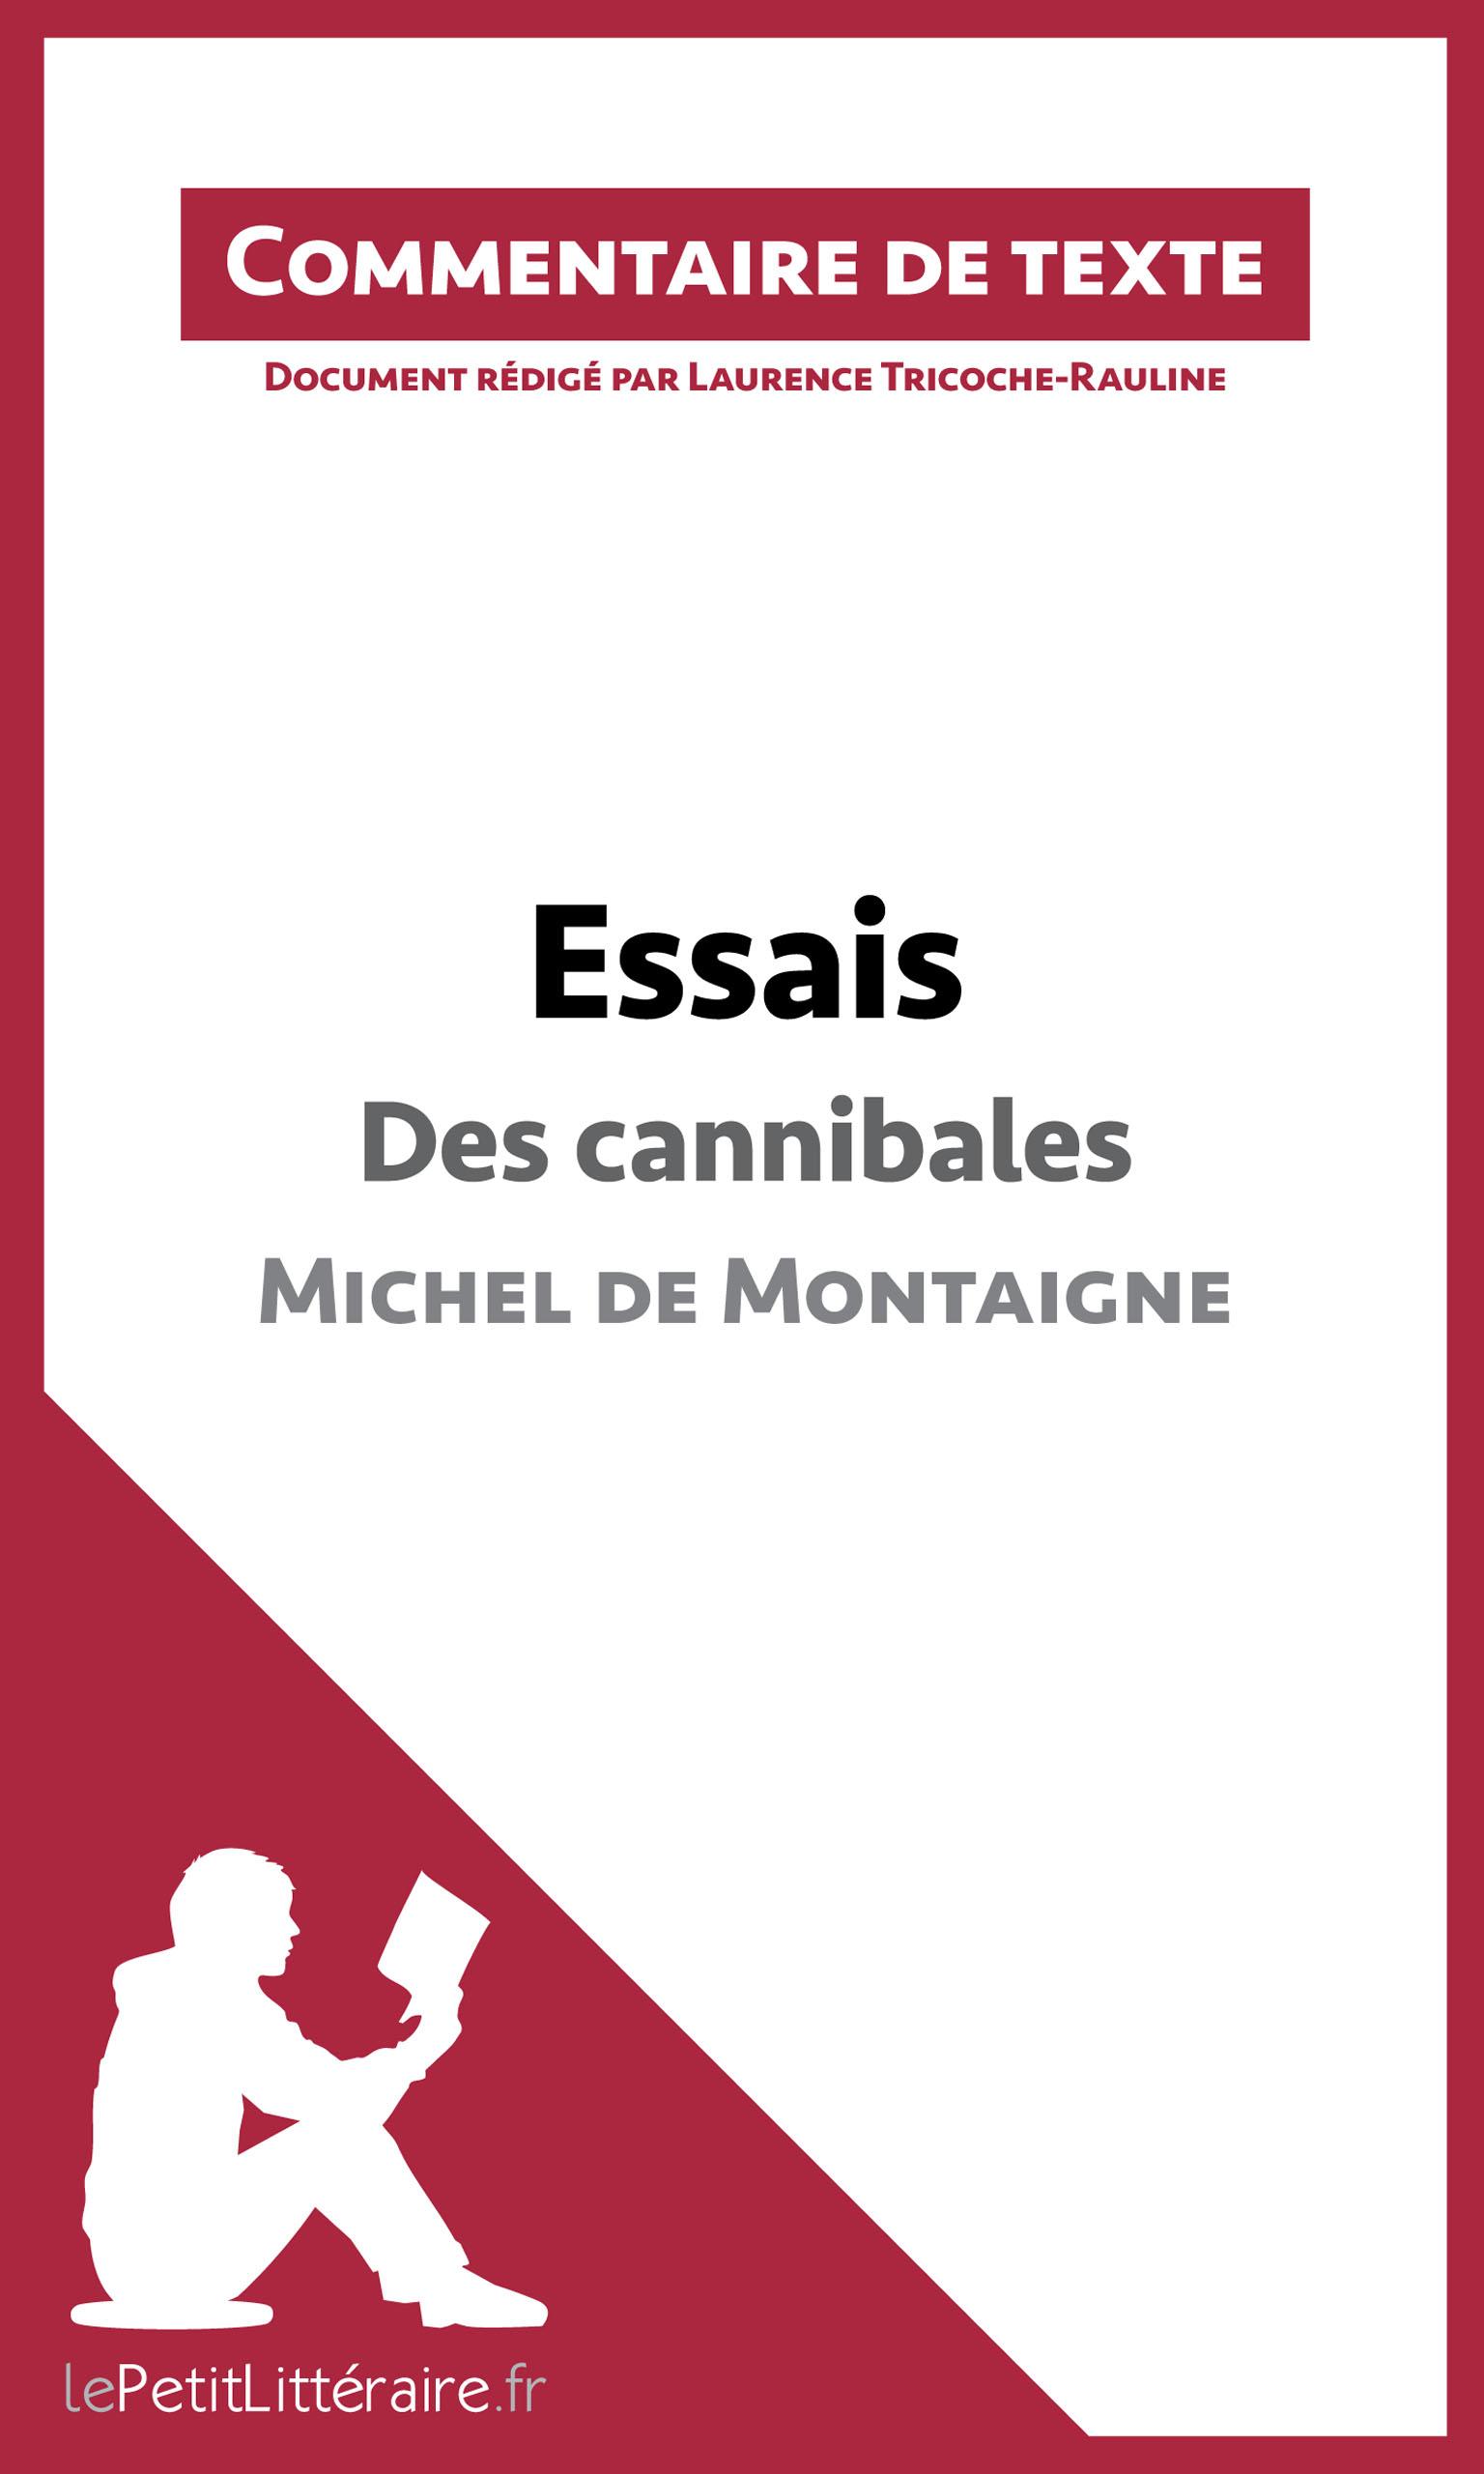 Des cannibales (chapitre XXXI du livre I)